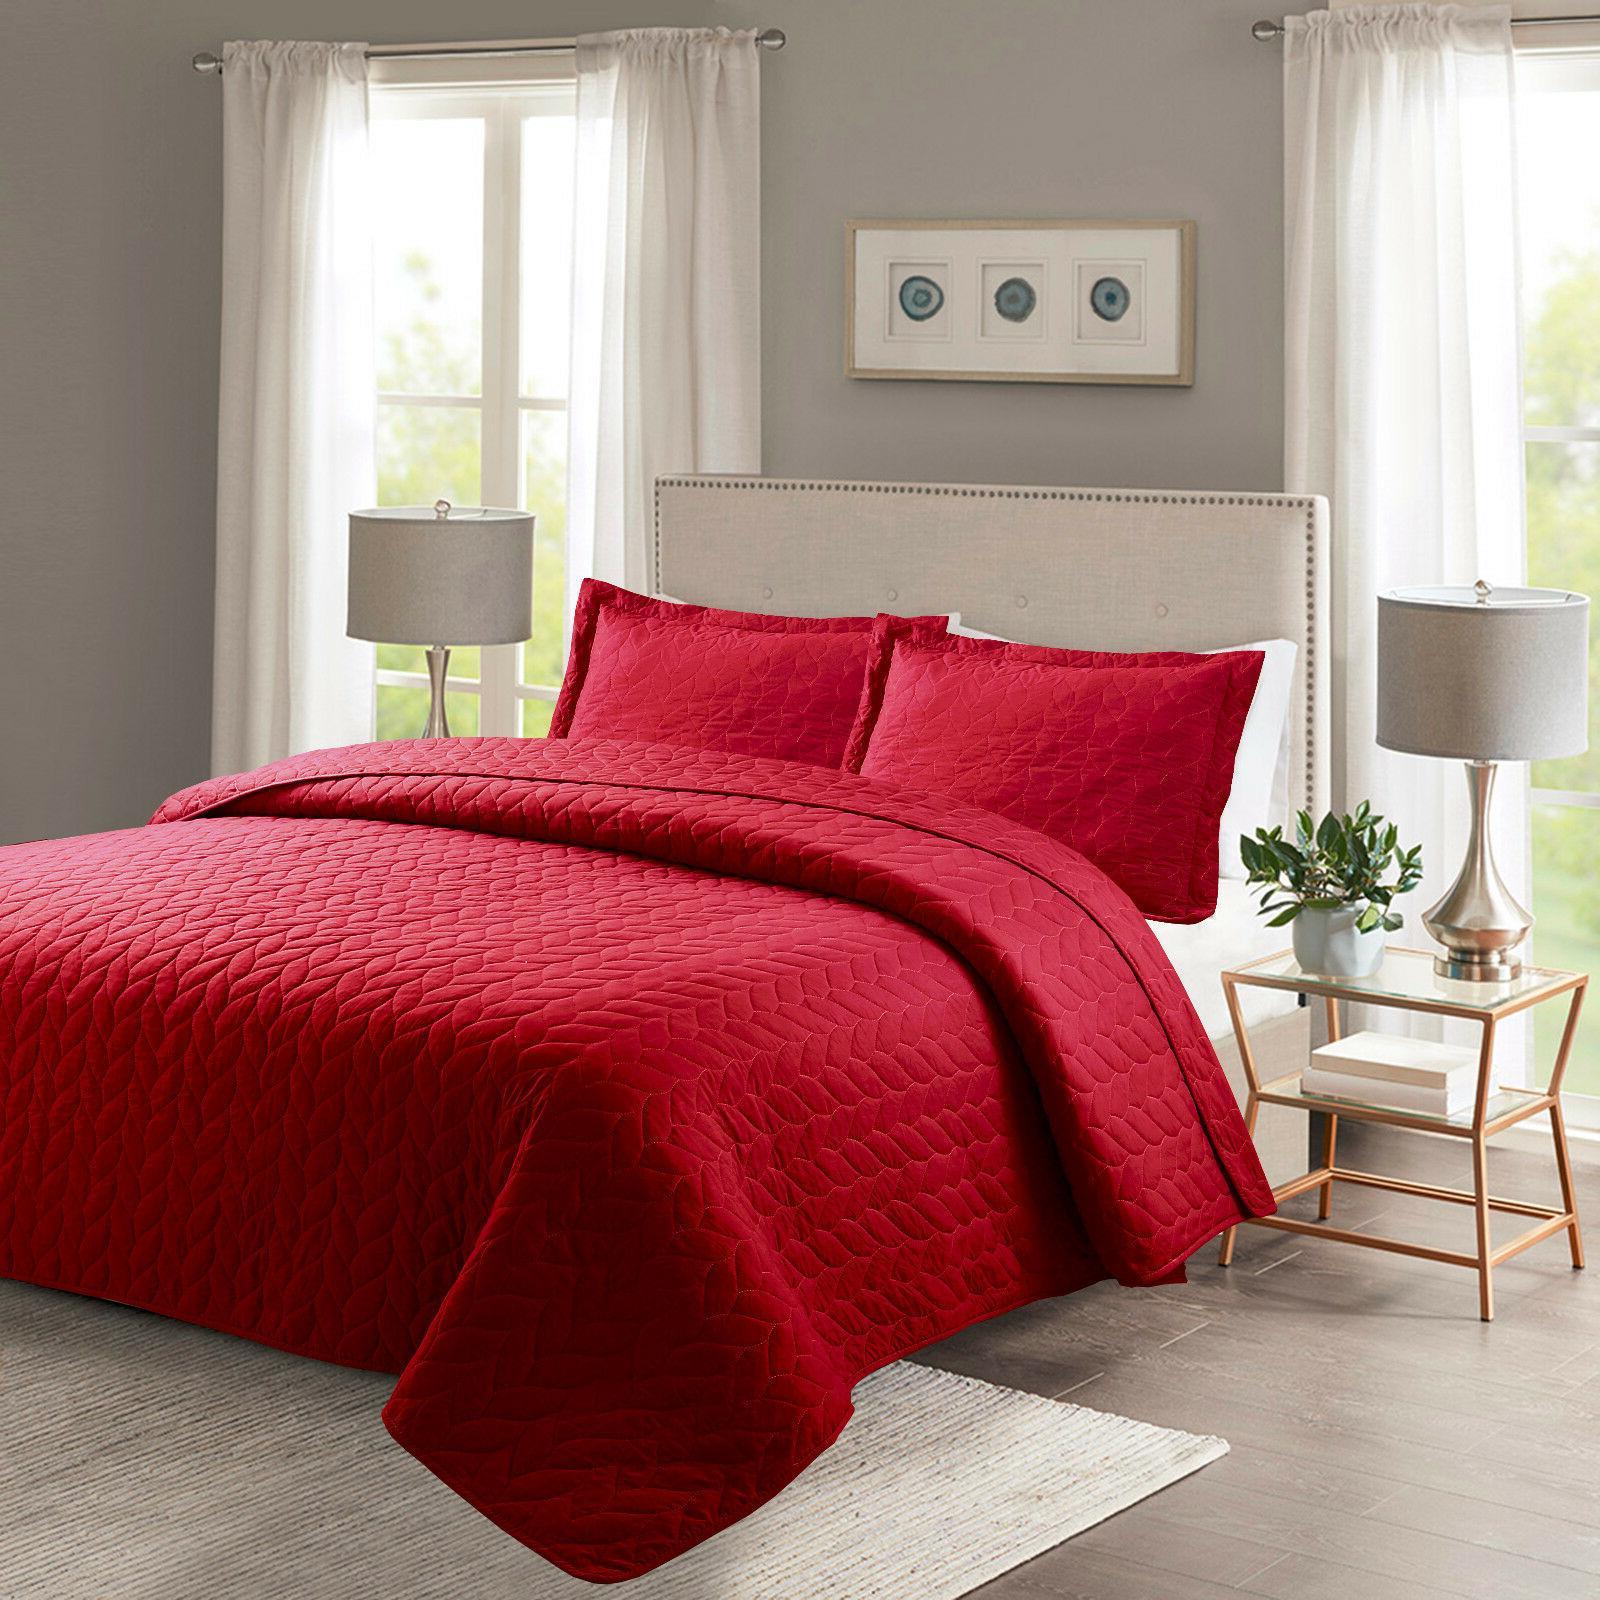 3 piece lightweight bedspread quilt set microfiber